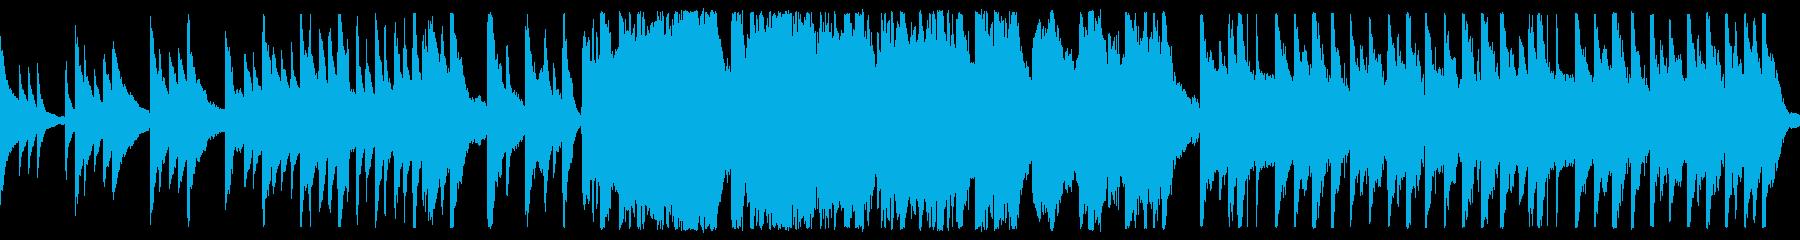 日出づる国の夜明け 和風尺八 ループ仕様の再生済みの波形